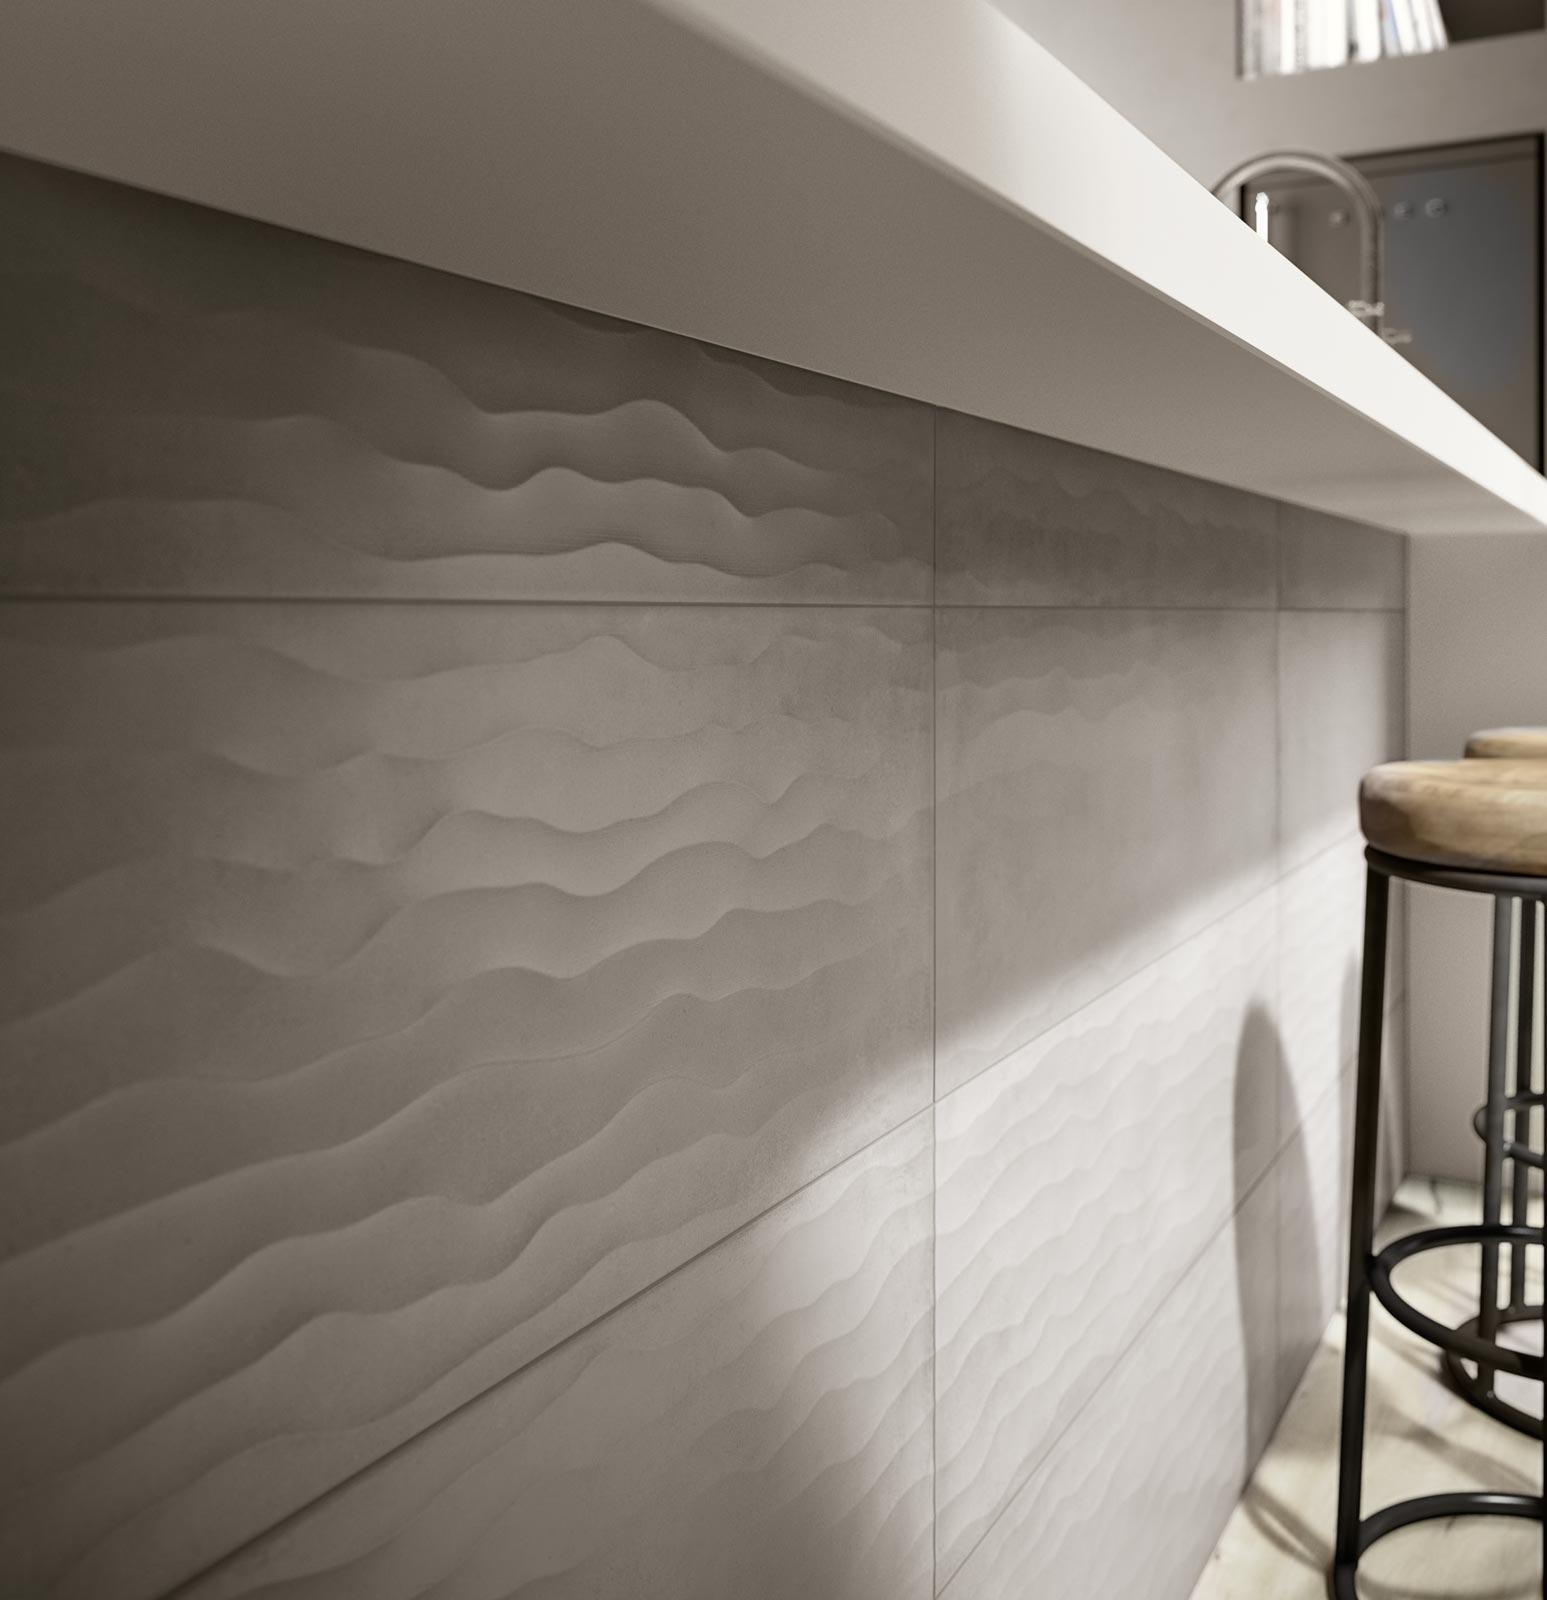 ... Rewind wall: piastrelle di ceramica effetto cotto e cemento : Ragno